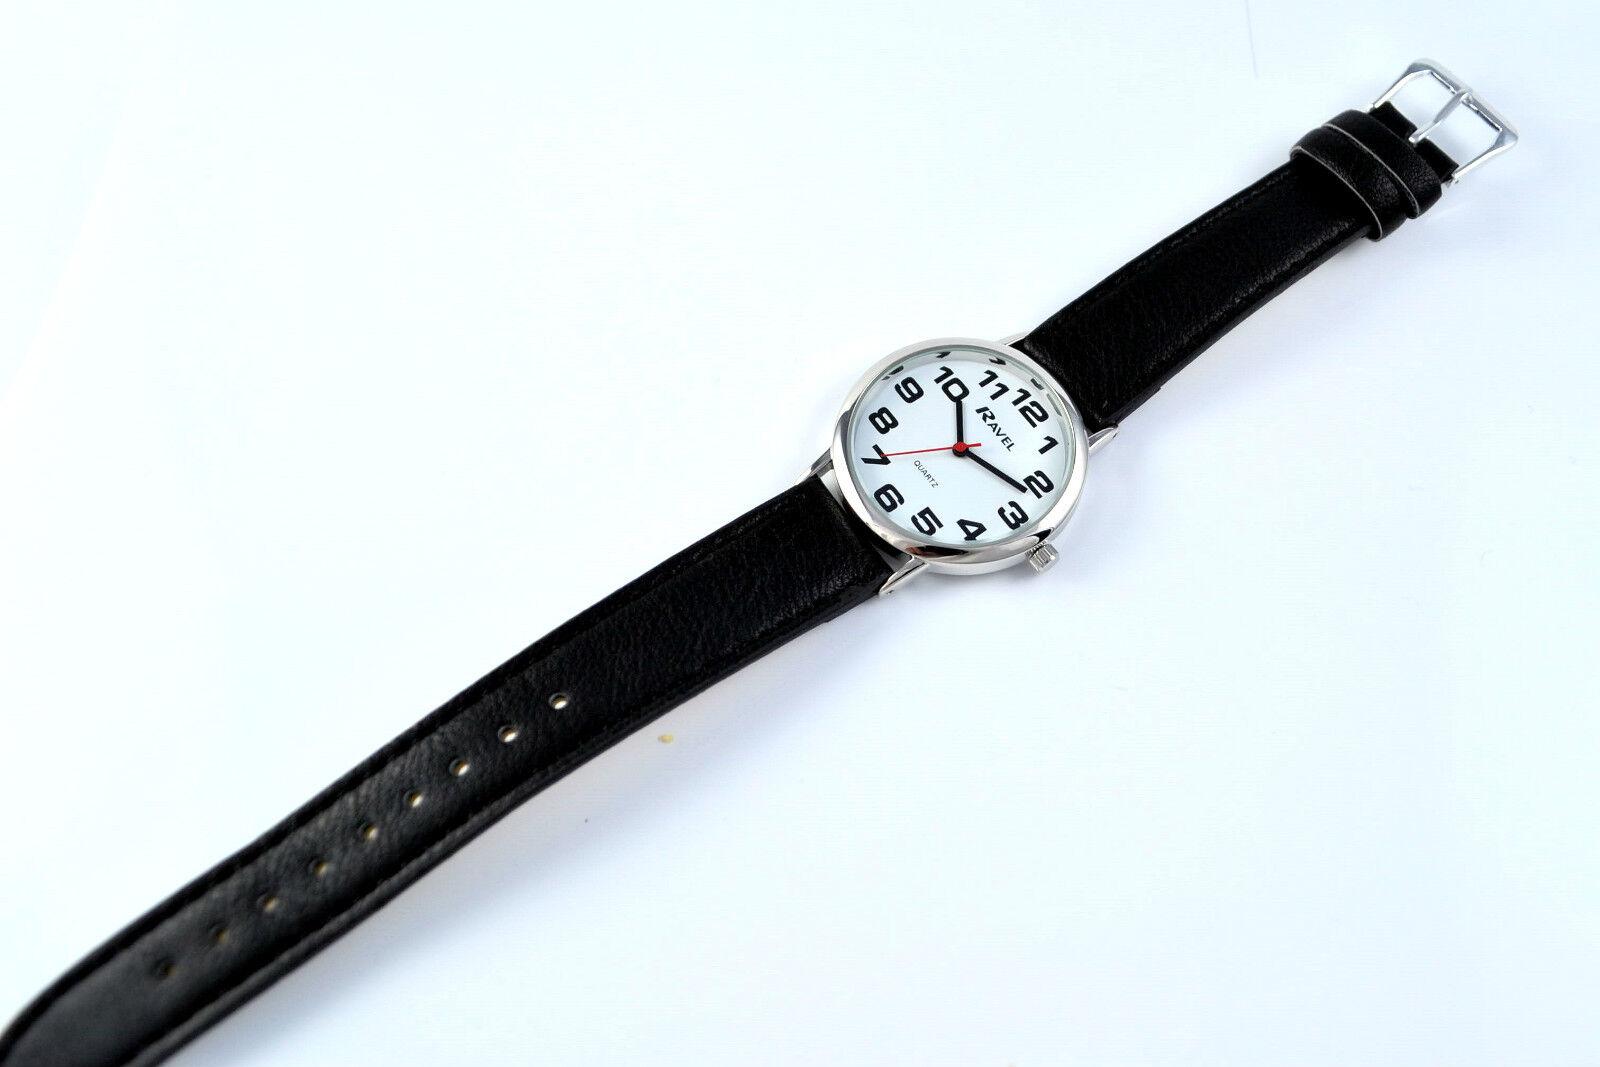 efe5f2addca2 Ravel hombres señoras grandes números reloj fácil leer claro línea Extra  largo Negro correa